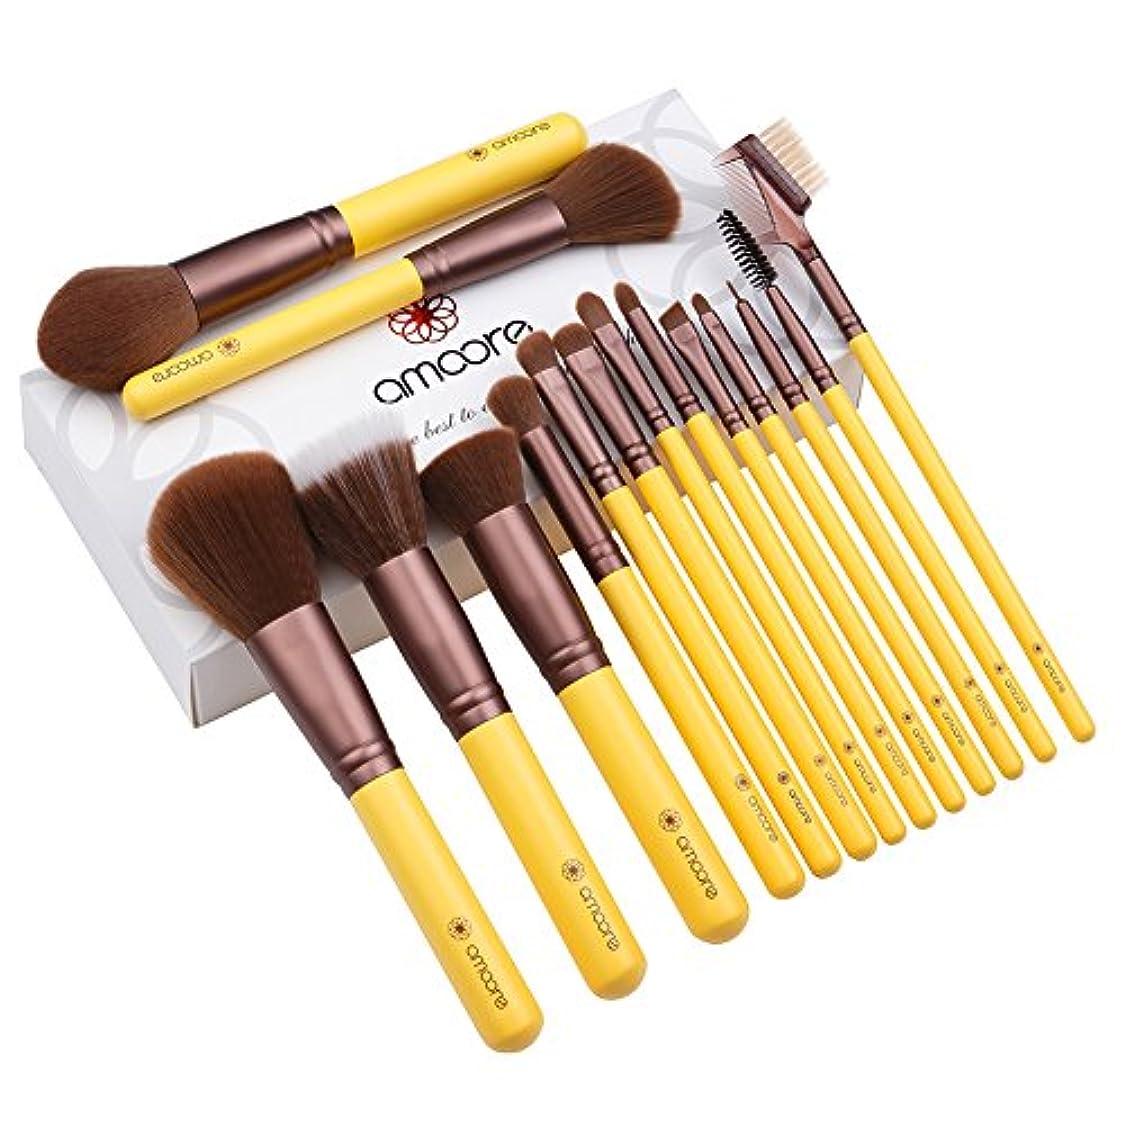 尾爪配列amoore 15本 化粧筆 メイクブラシセット コスメ ブラシ 化粧ブラシ (15本, イエロー)